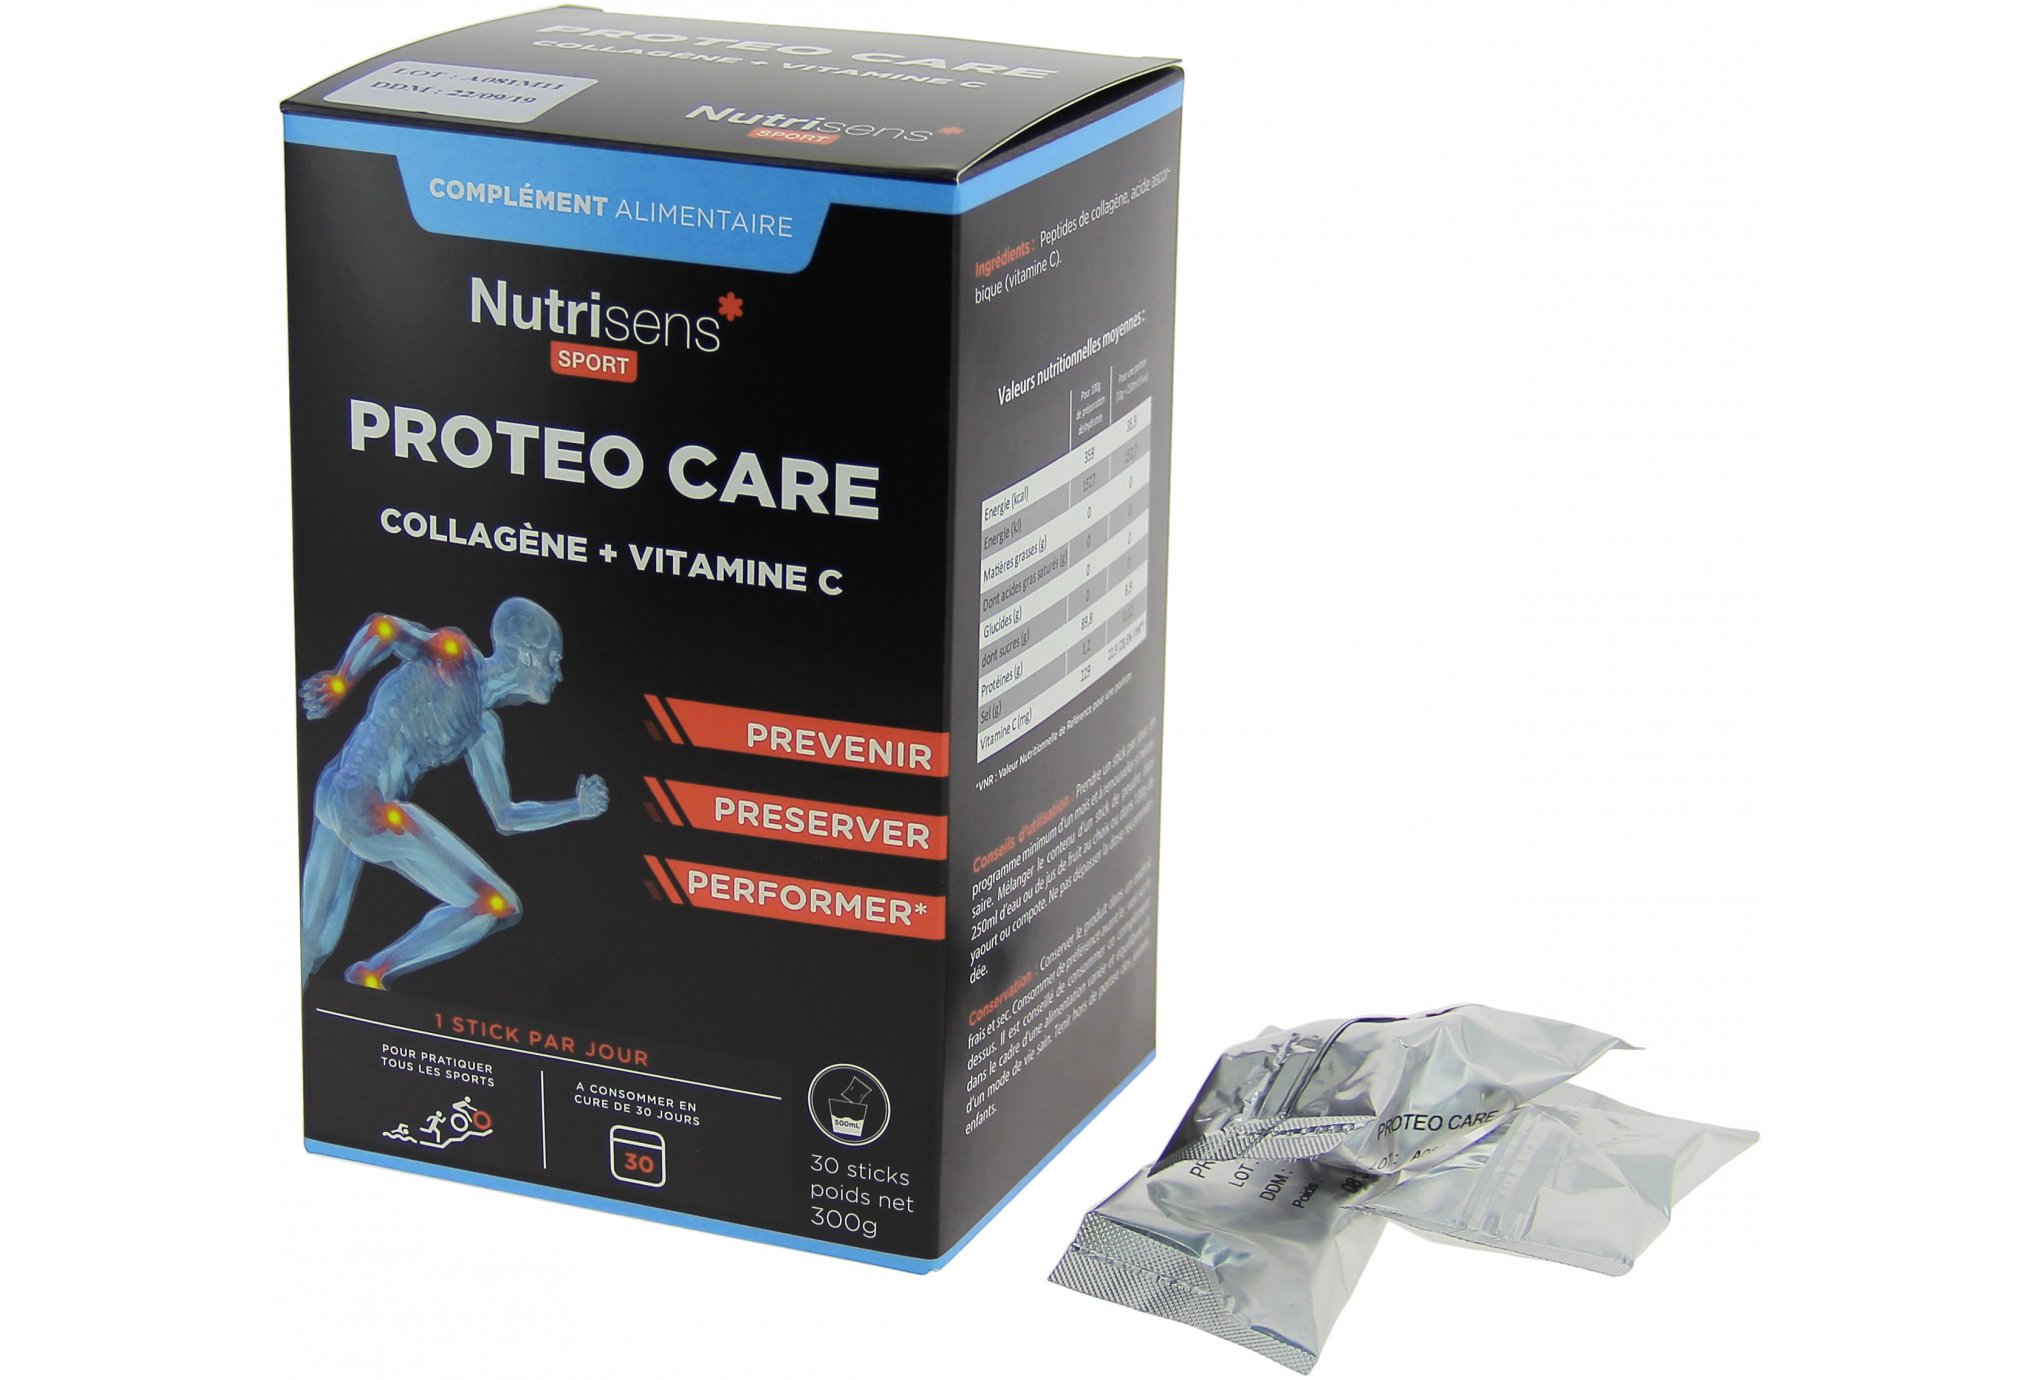 Nutrisens Sport proteo care diététique compléments